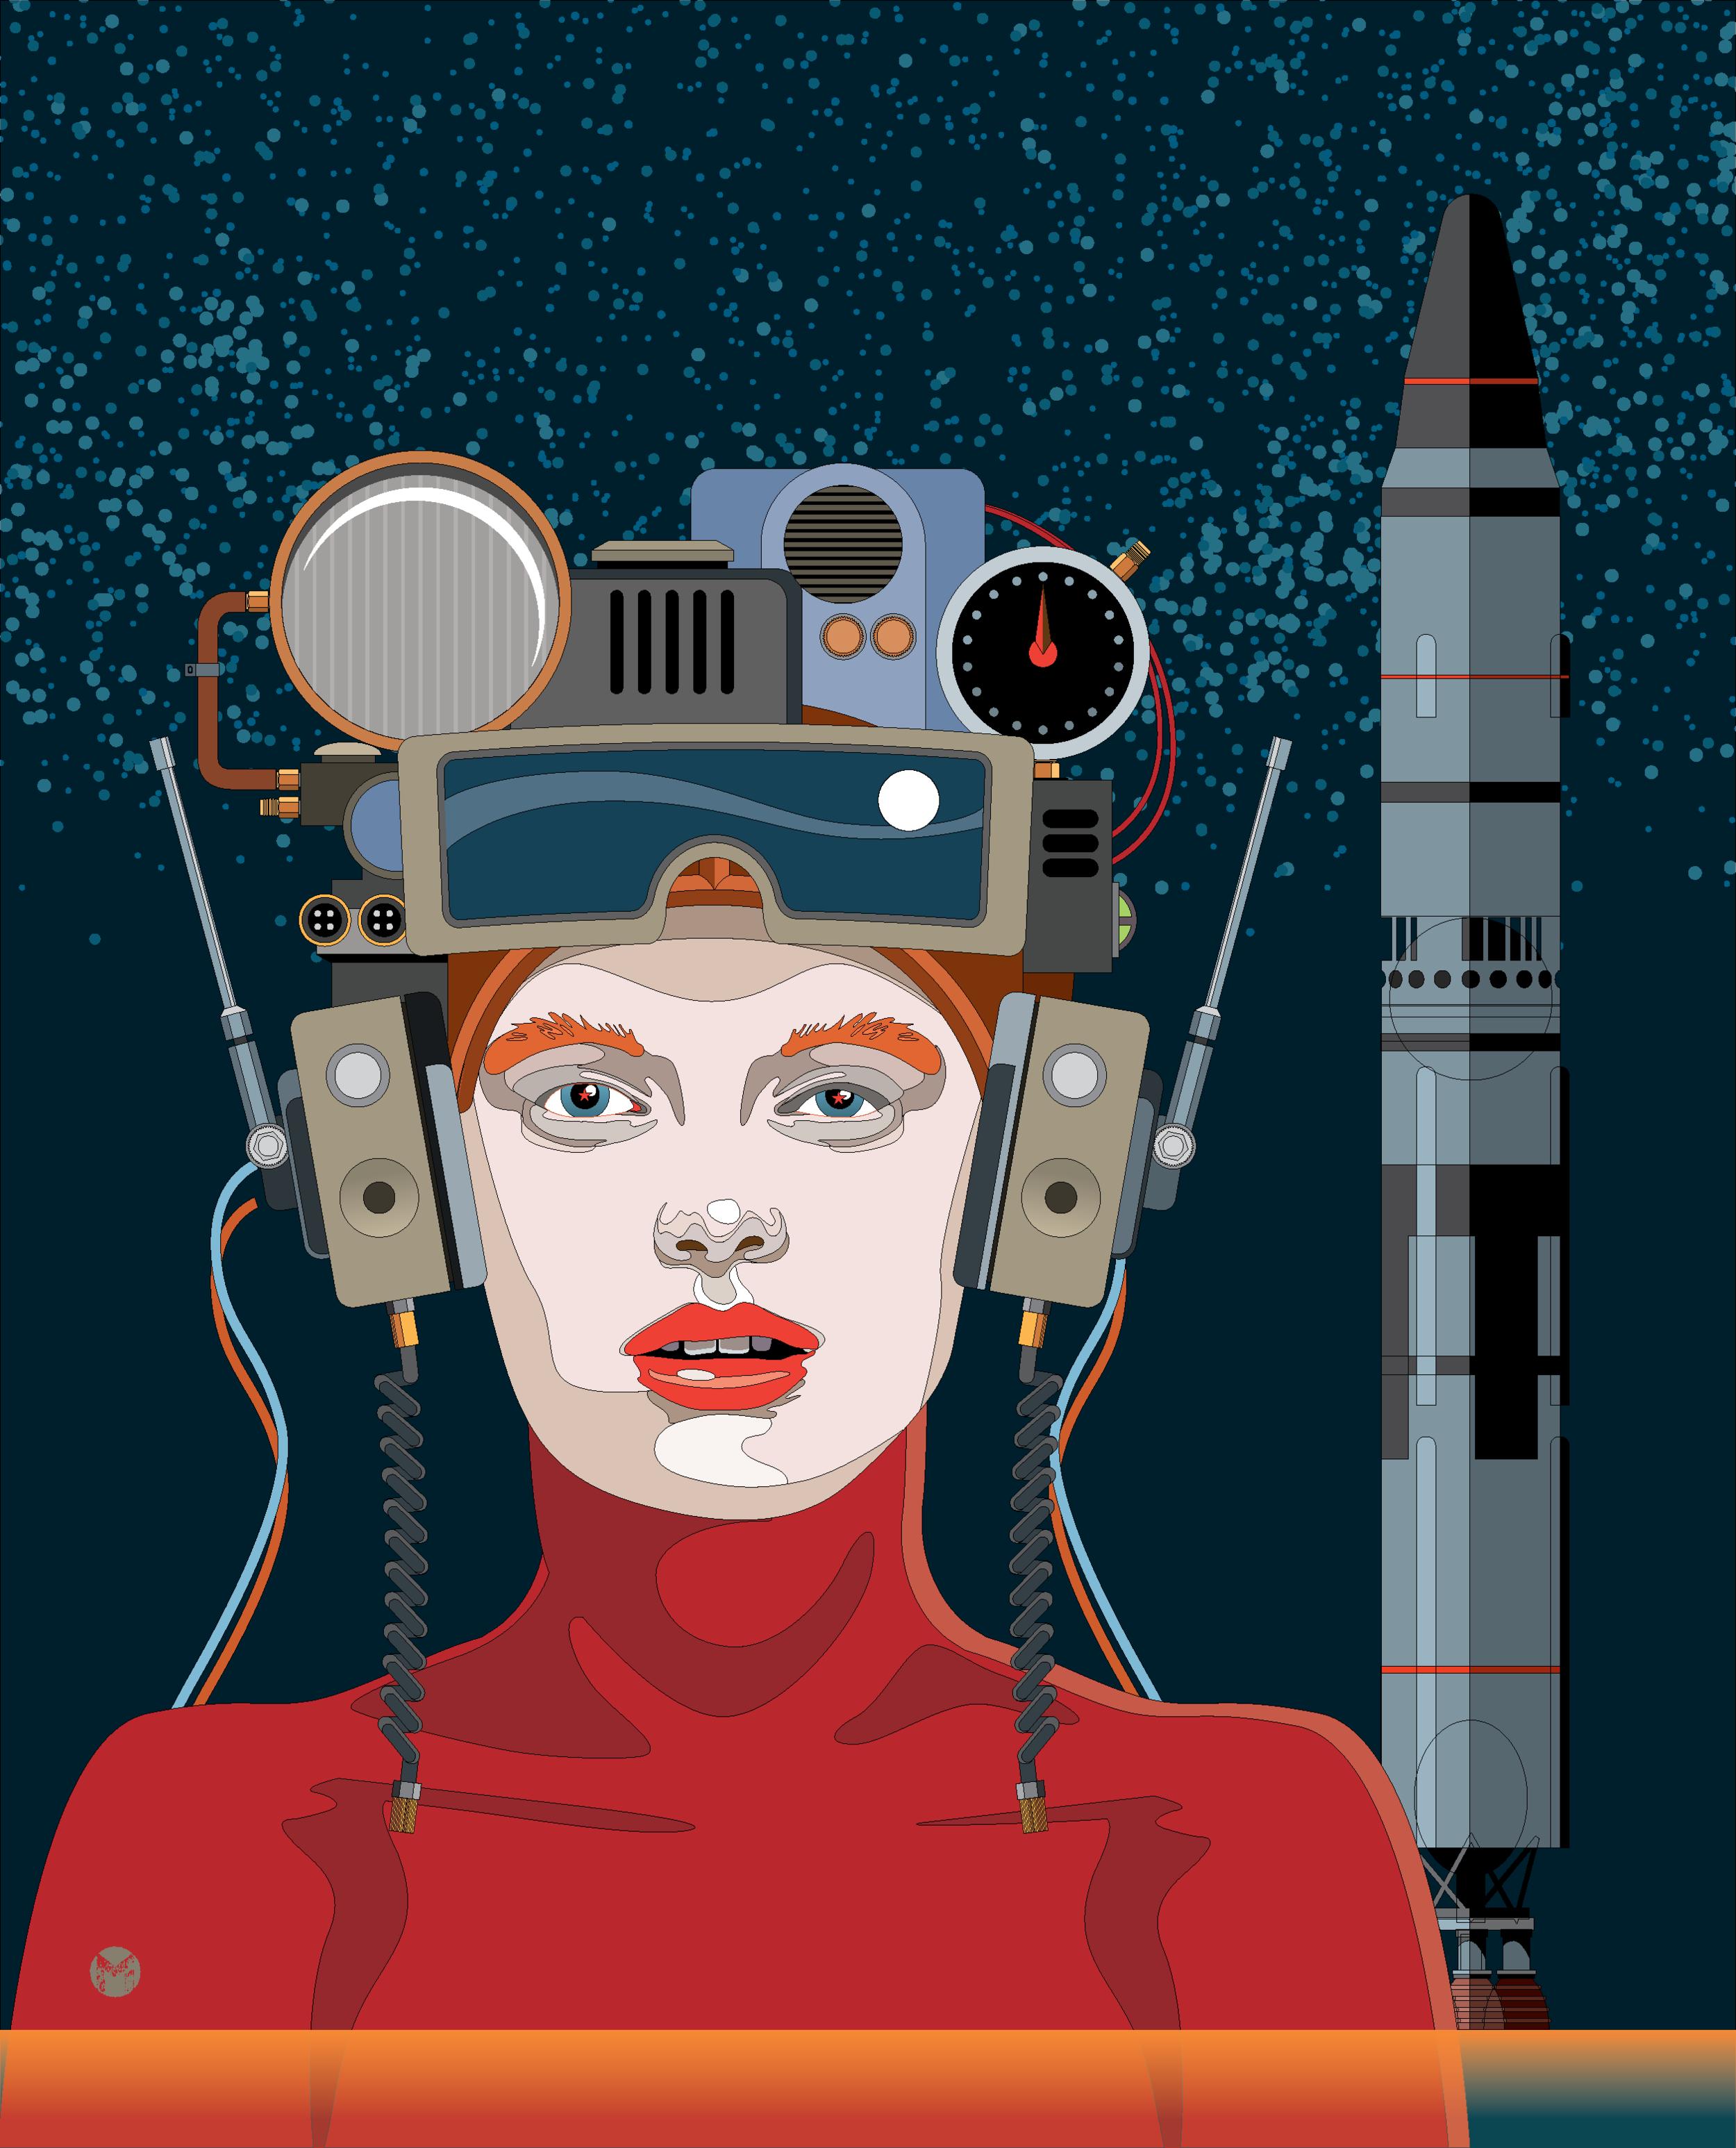 Rocketgirl v2 16x20-02.png